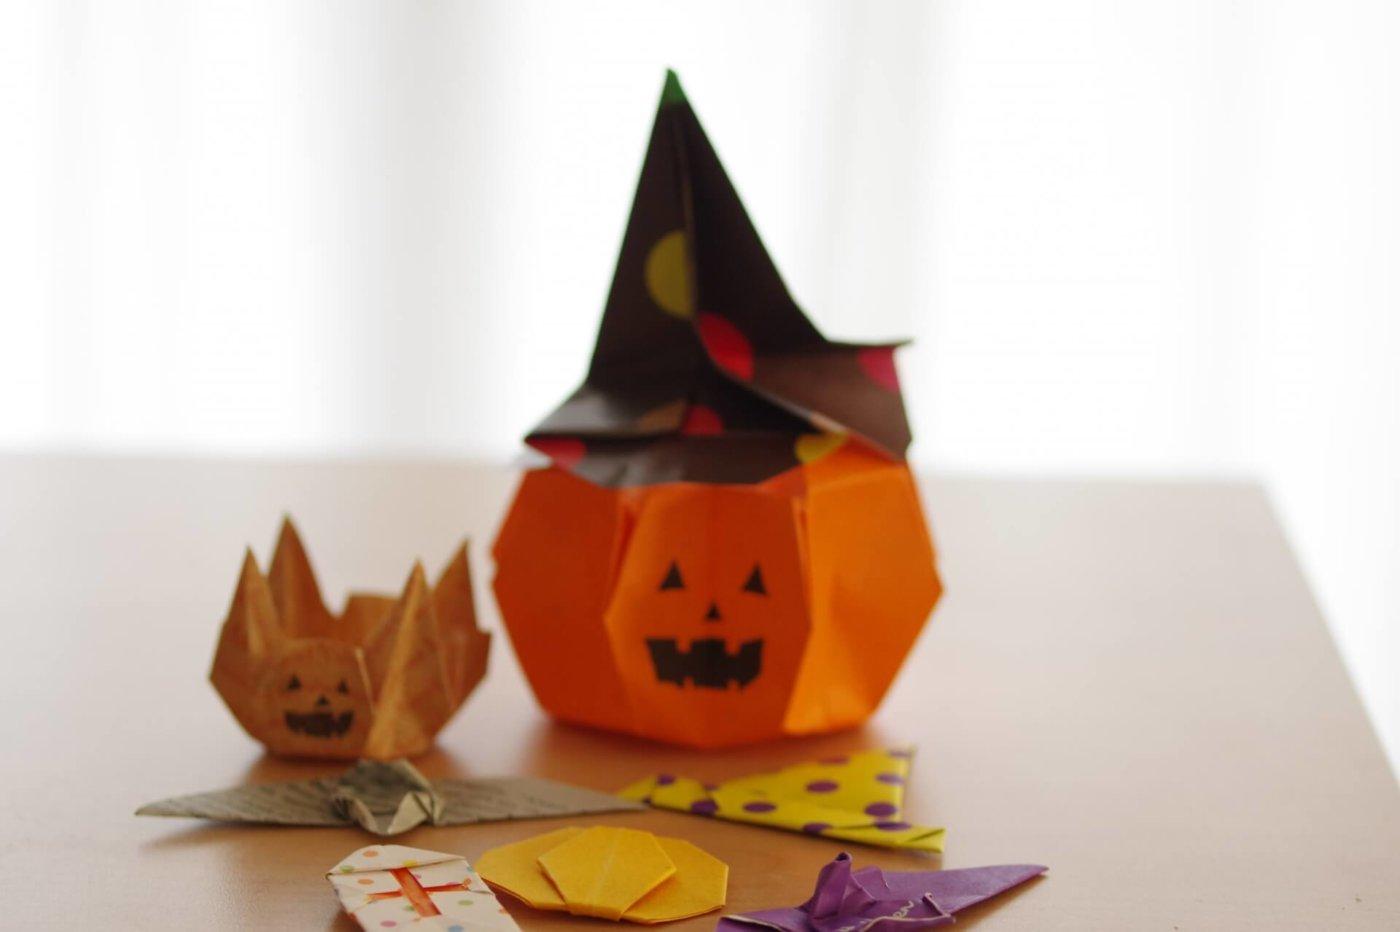 折り紙で日本らしさを…、ハロウィンの飾り付けに勧めたいモチーフ